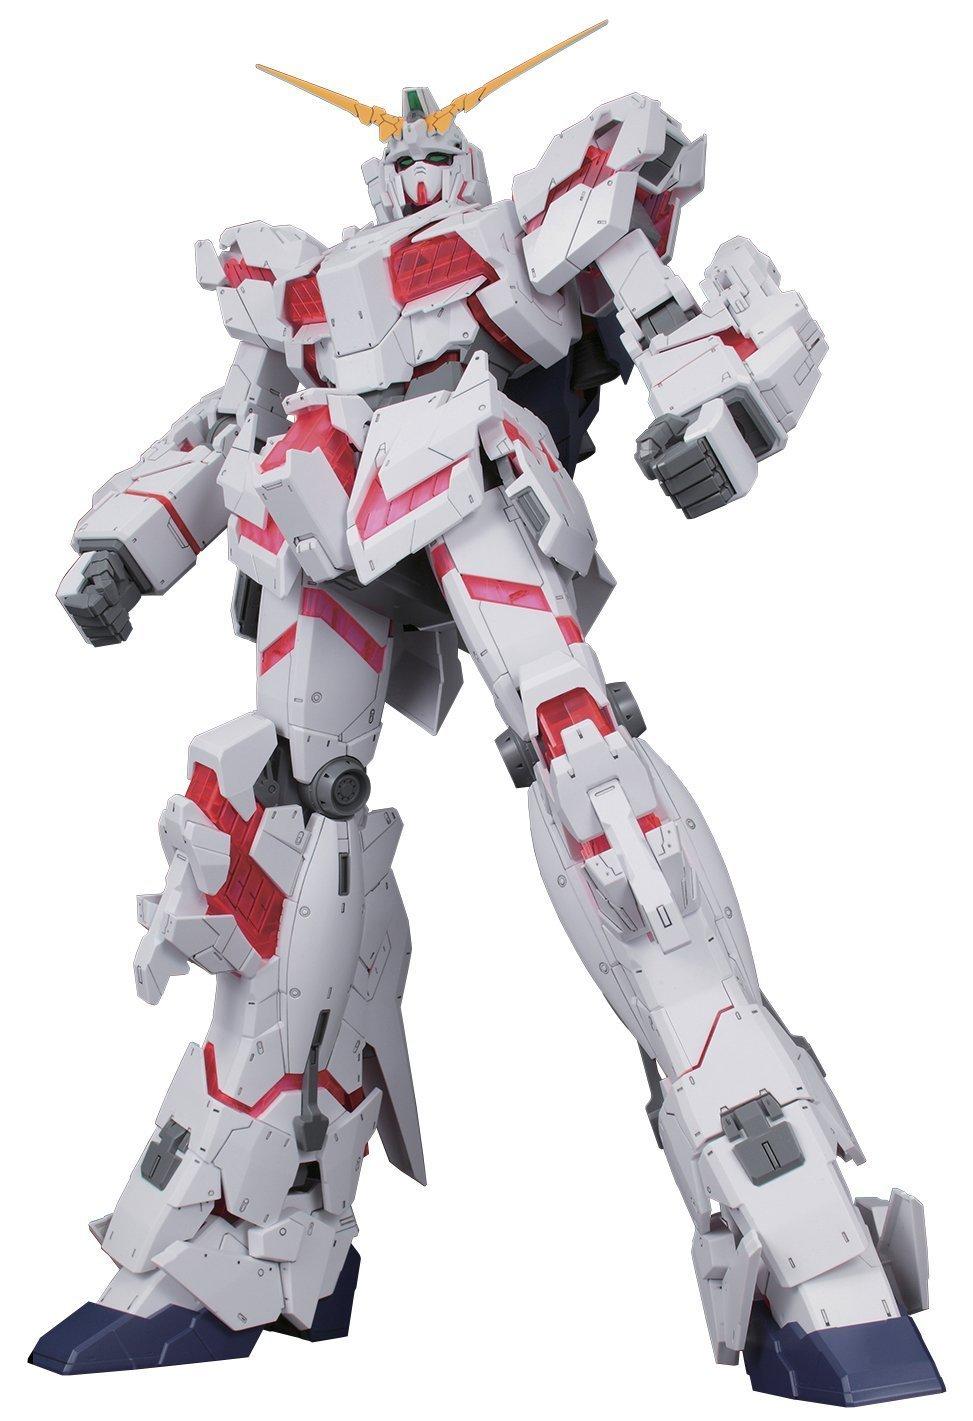 Bandai Hobby Mega Size 1/48 Unicorn Gundam [Destroy Mode] Gundam UC Model Kit Figure by Bandai Hobby (Image #13)